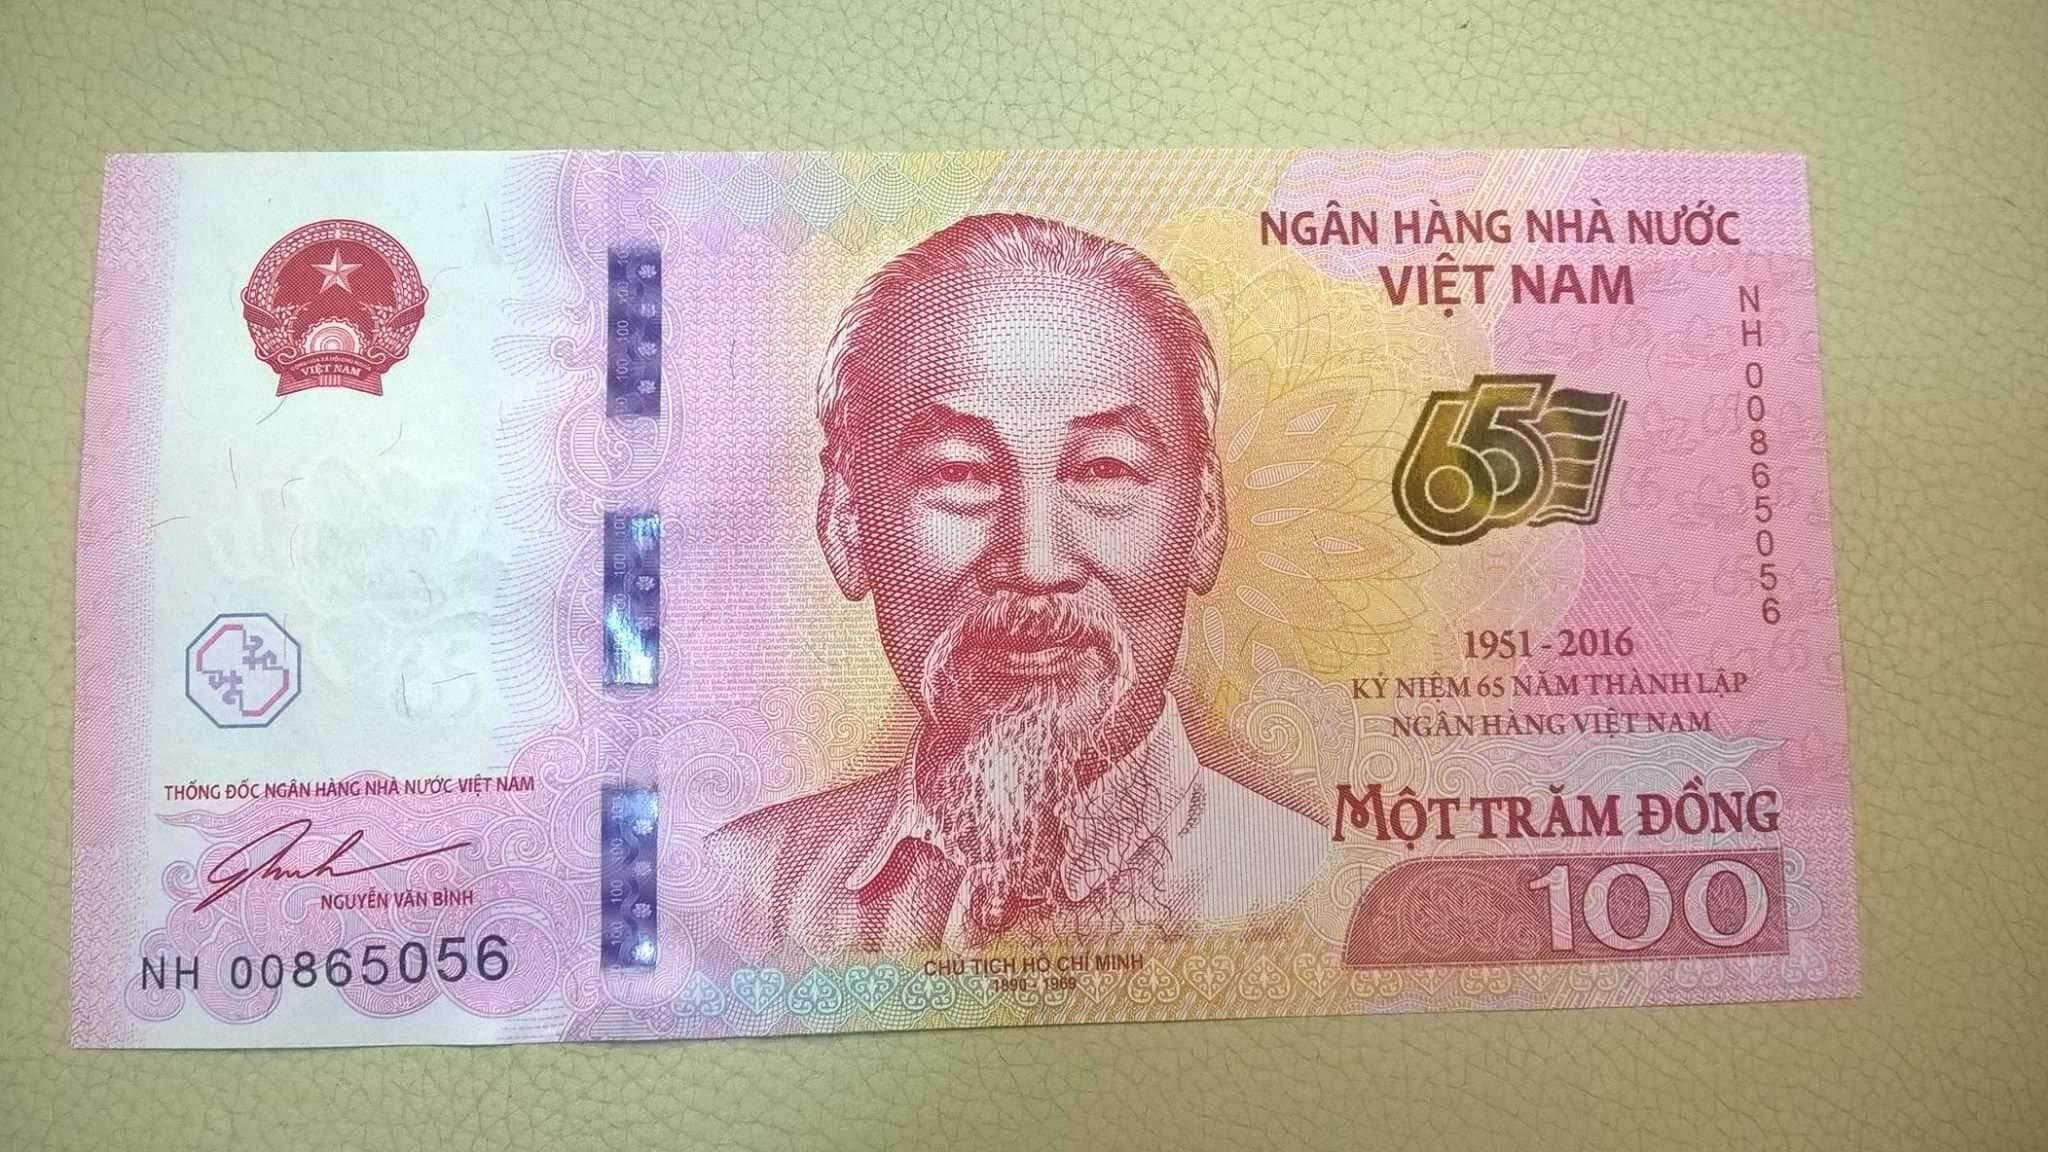 Ngân hàng Nhà nước vừa thông báo sẽ phát hành tiền loại mệnh giá 100 đồng để lưu niệm. Được...